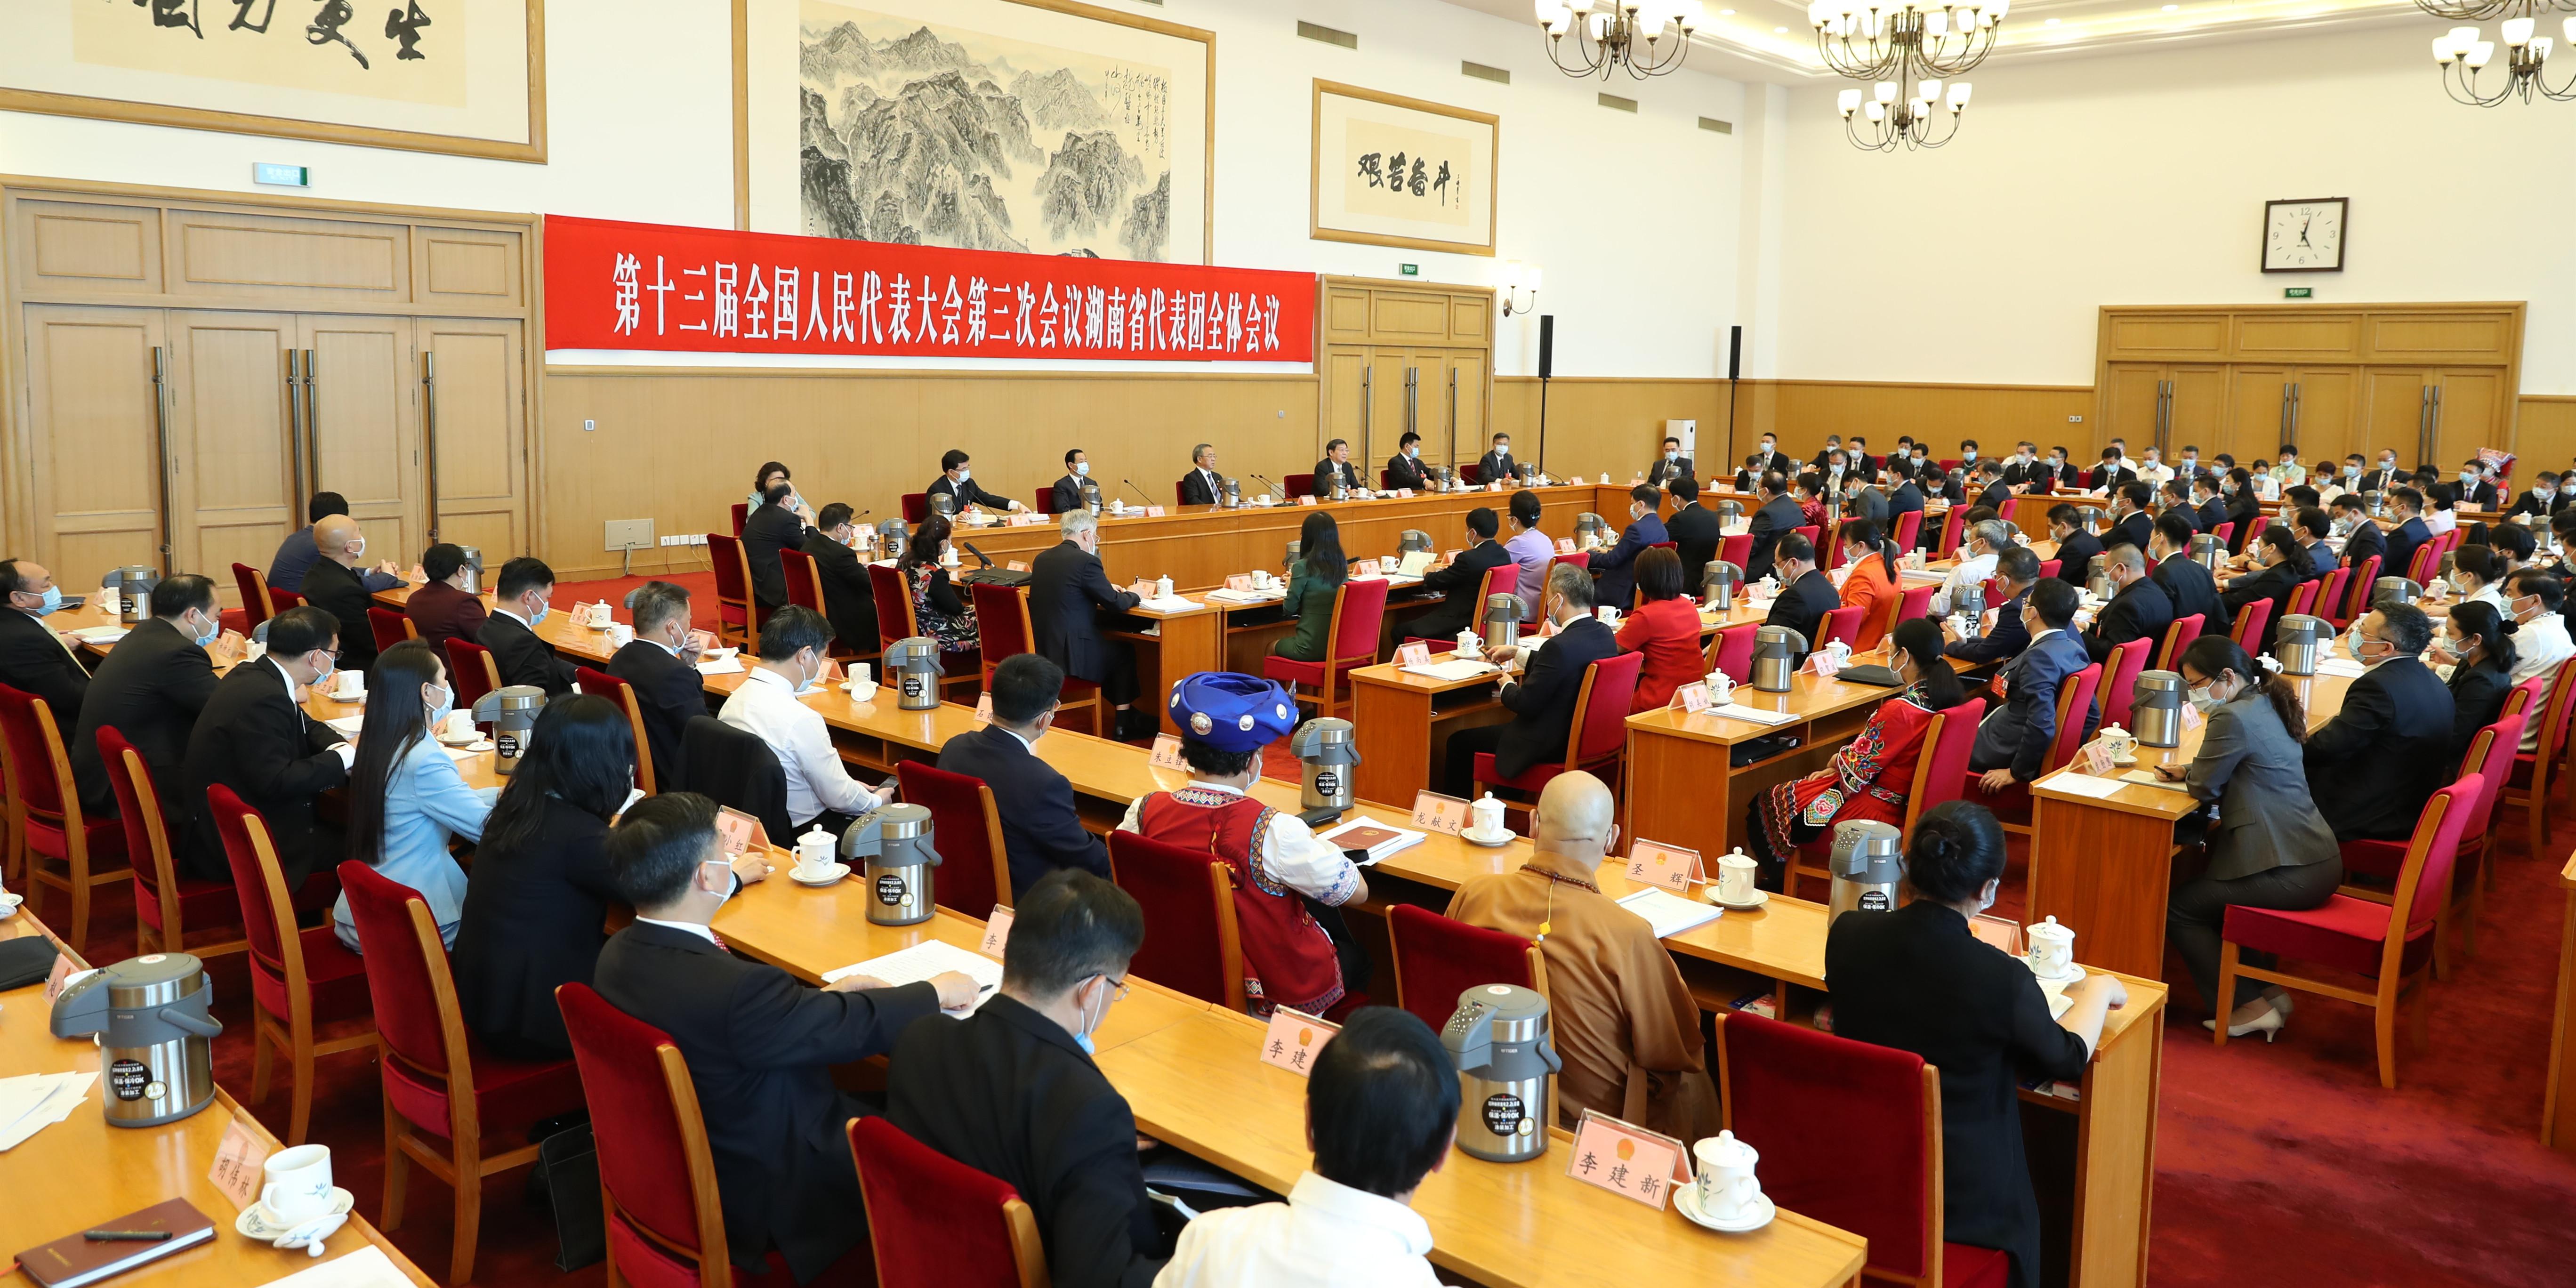 湖南代表团召开全体会议审议政府工作报告